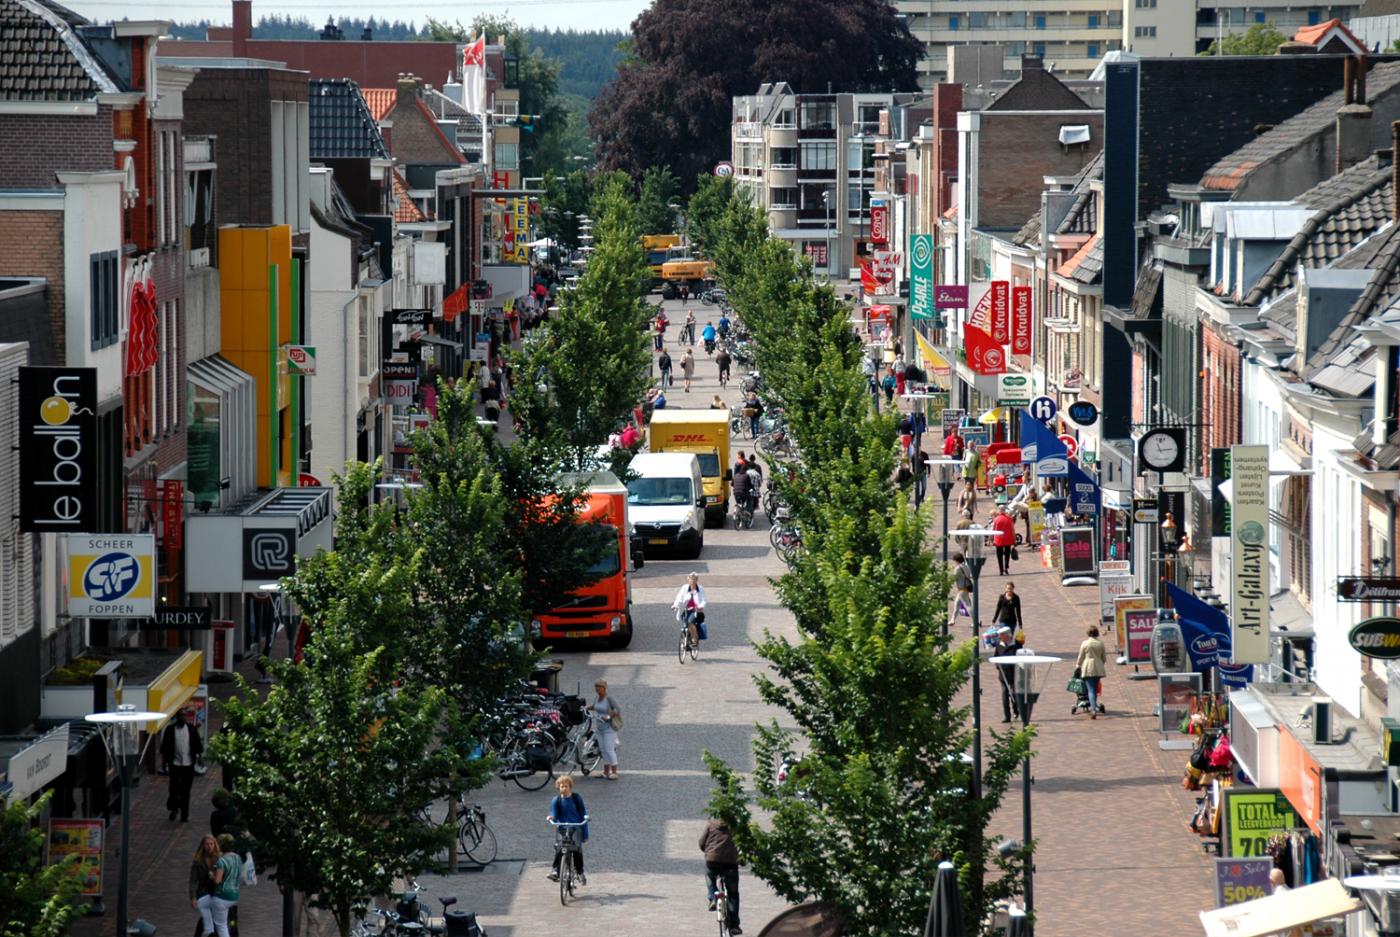 buro-sant-en-co-landschapsarchitectuur-veenendaal-winkelgebied-bovenaanzicht-hoofdstraat-vogelvlucht-inzoom